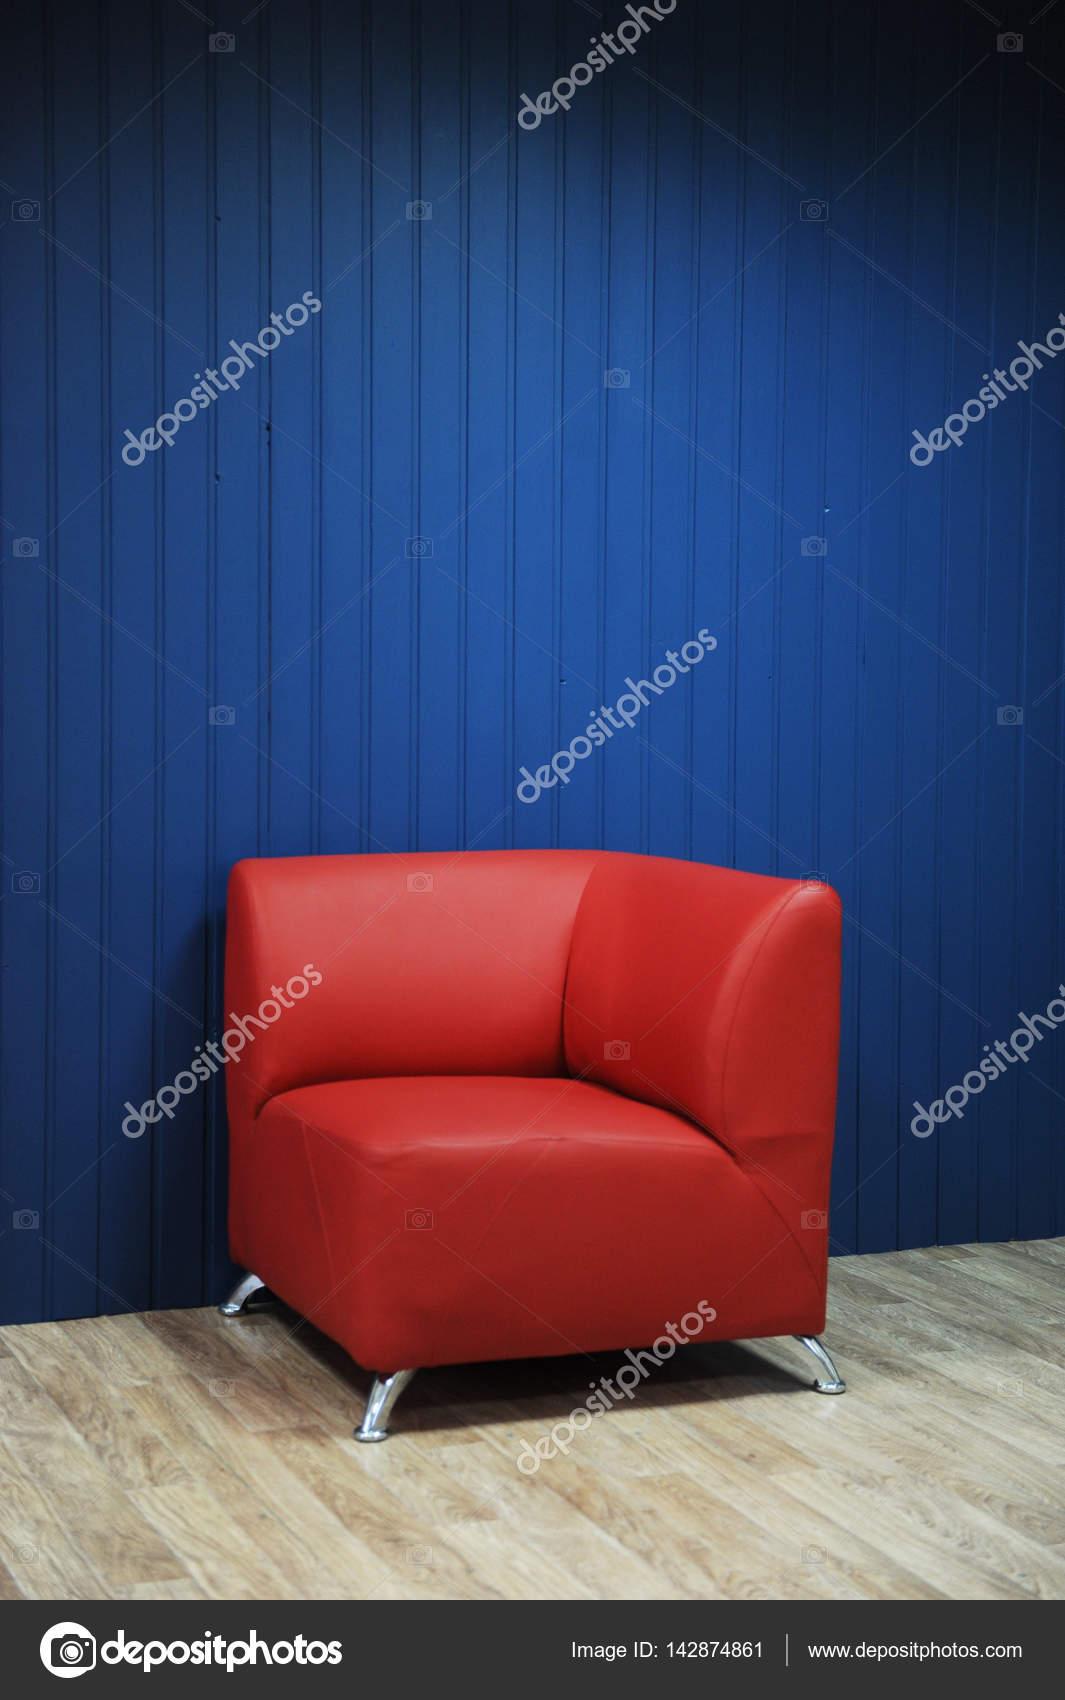 Rotem Ledersessel Auf Dem Hintergrund Eines Blauen Wänden. Textur Für Die  Gestaltung U2014 Stockfoto